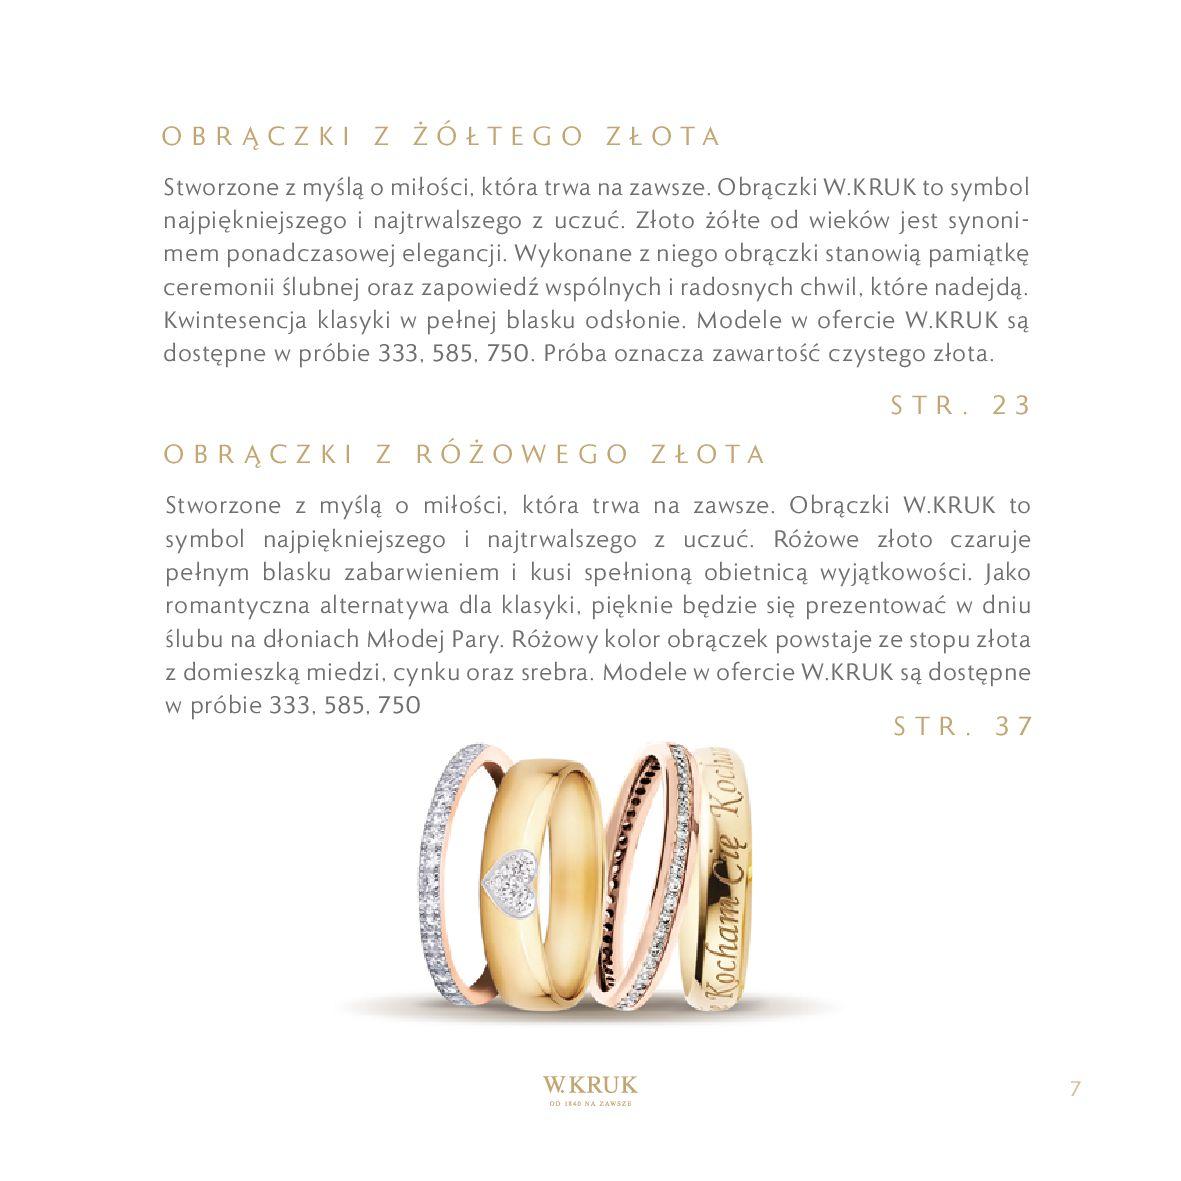 Gazetka W. KRUK: Katalog - Obrączki 2021-02-17 page-9